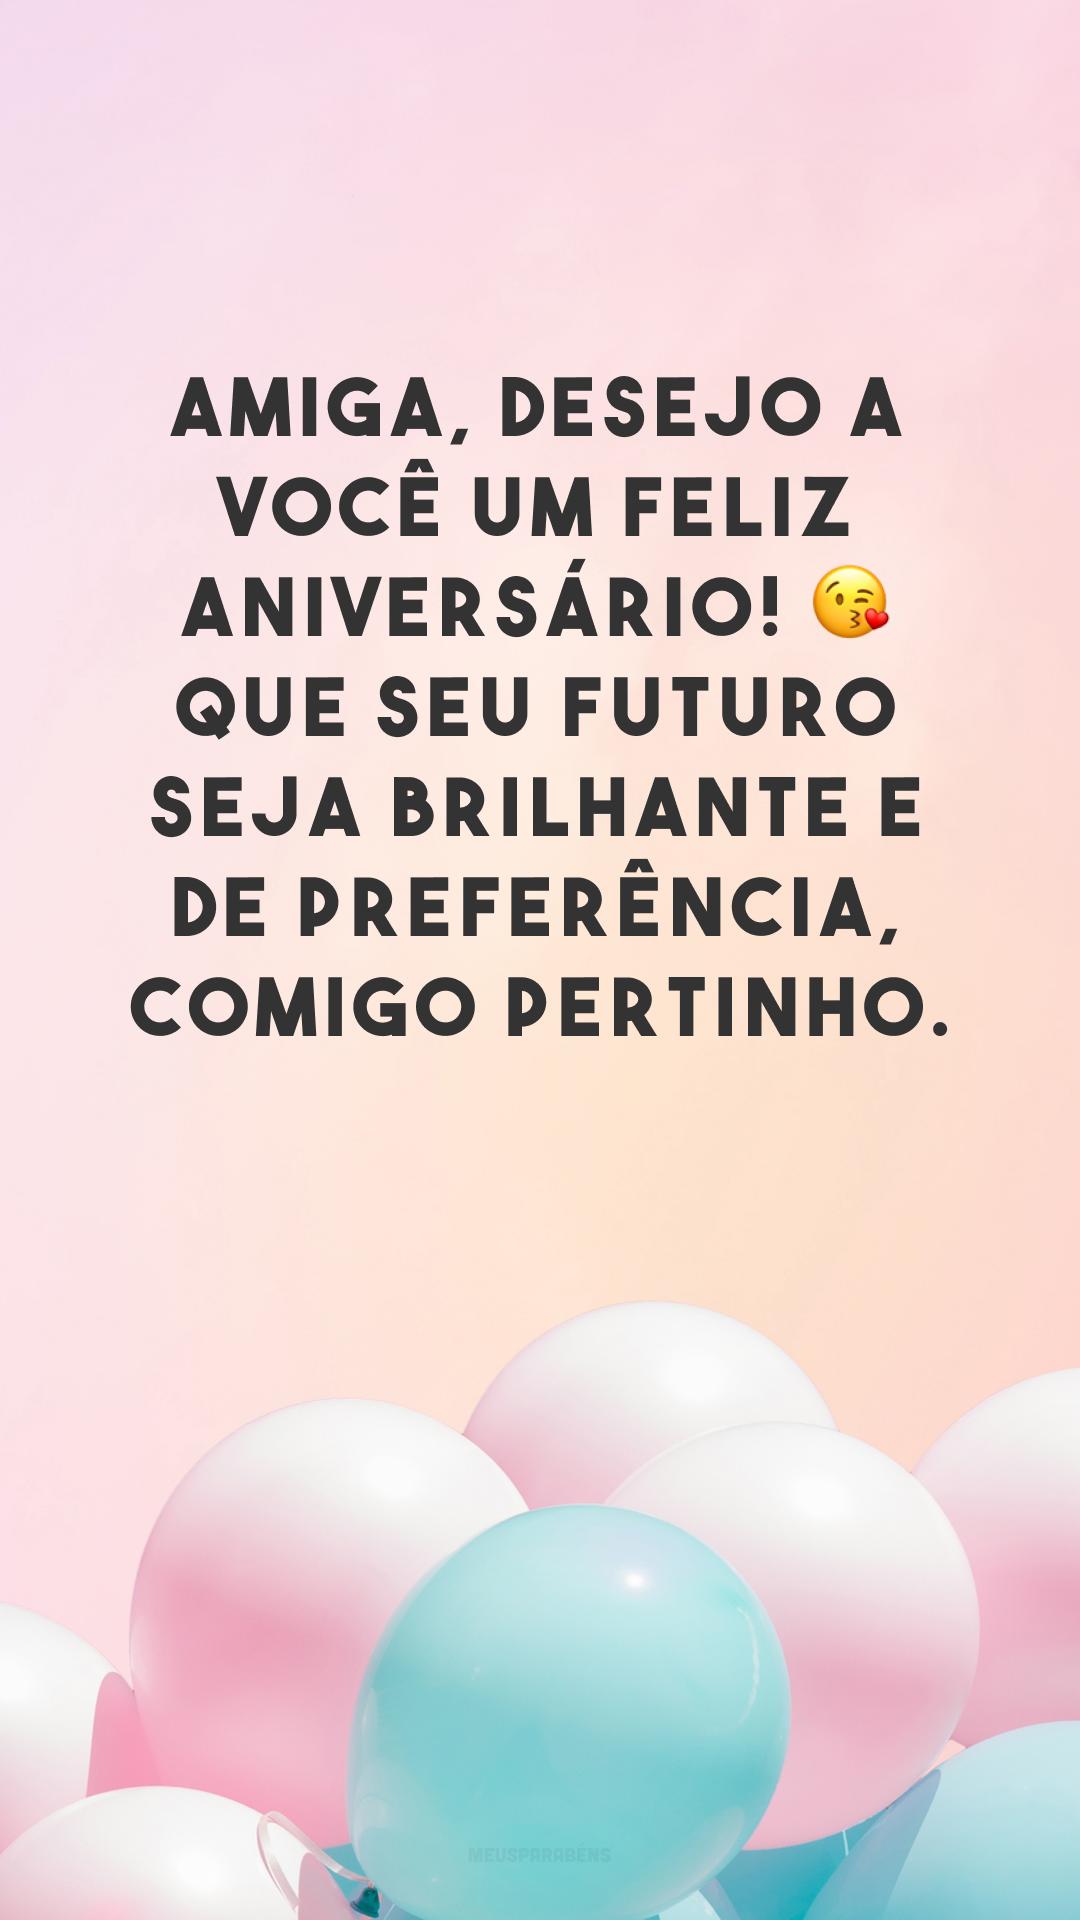 Amiga, desejo a você um feliz aniversário! 😘 Que seu futuro seja brilhante e de preferência, comigo pertinho.